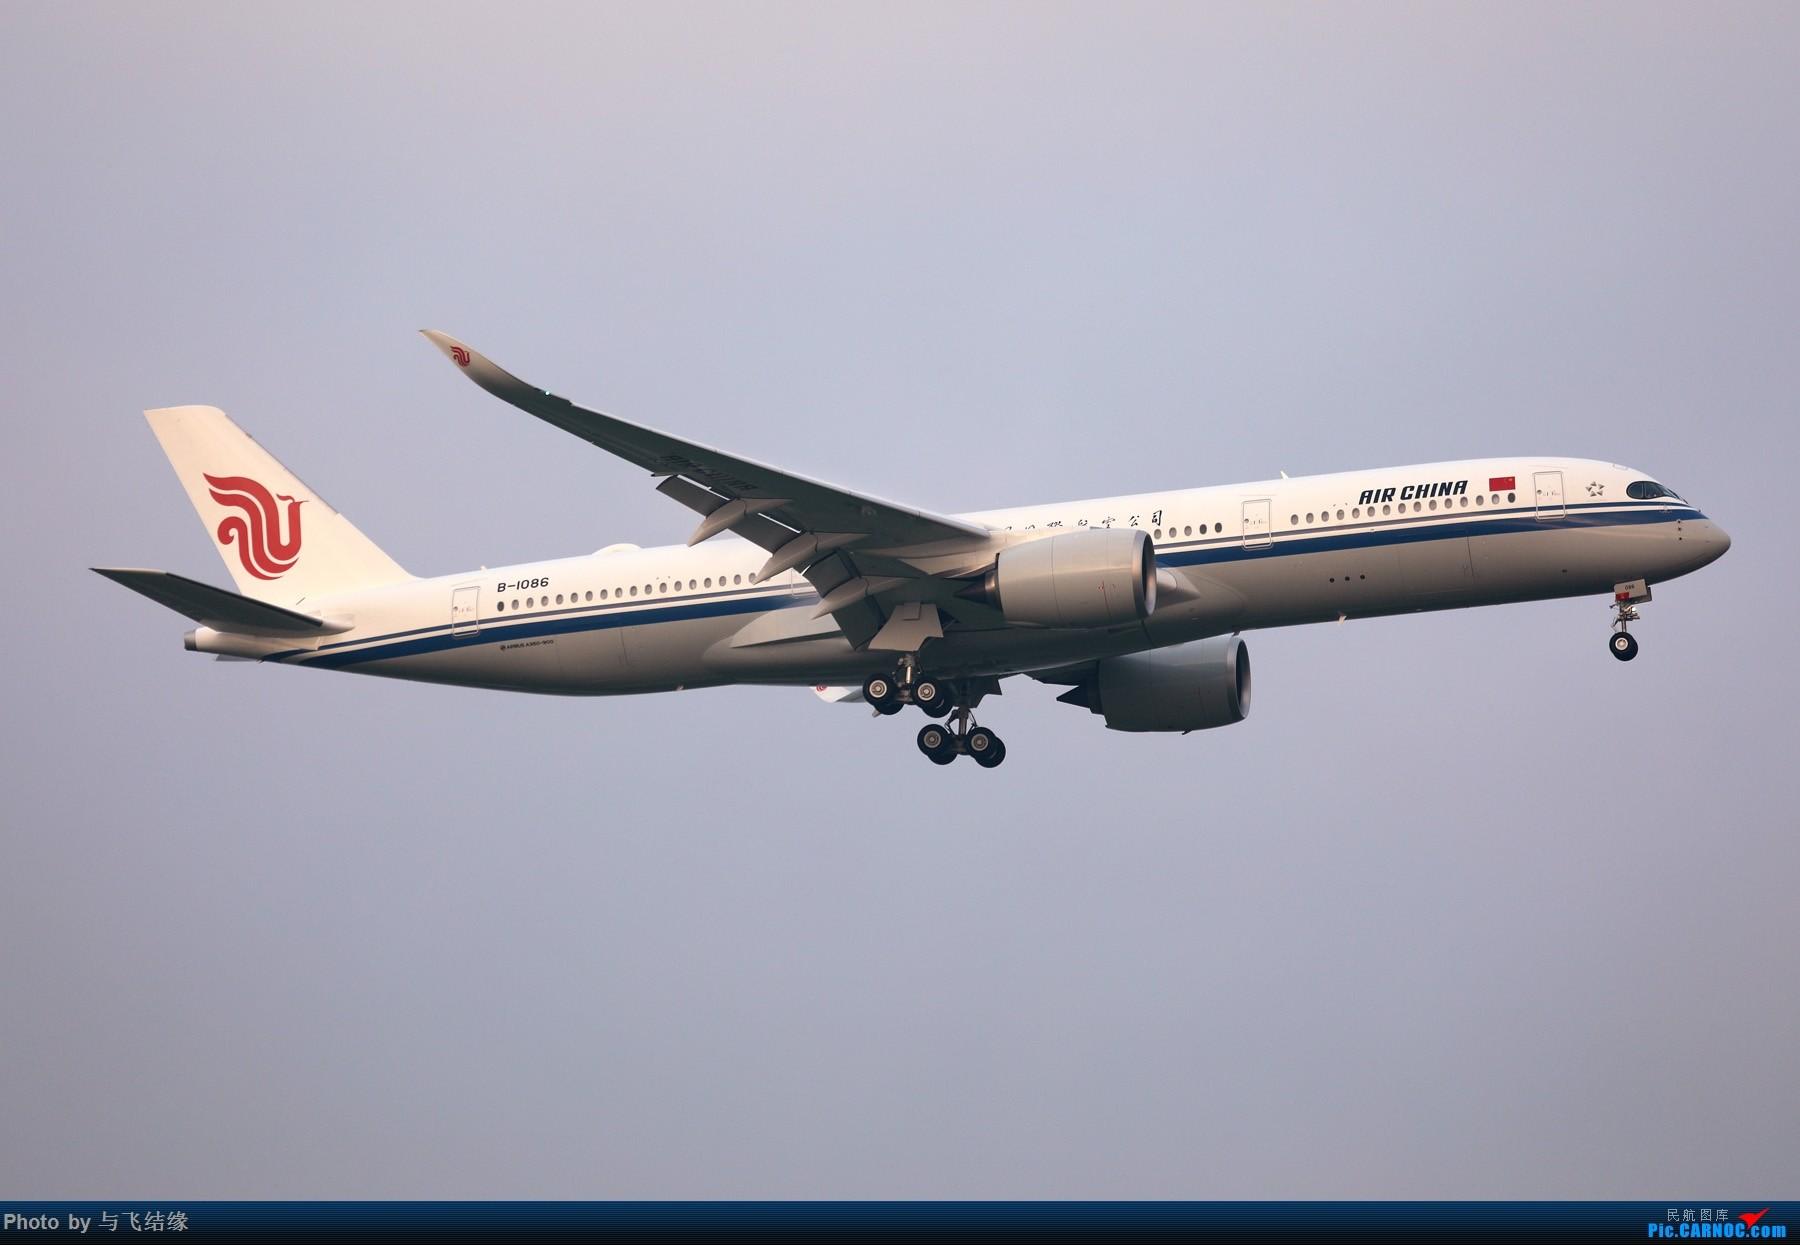 """[原创]国航今日喜提崭新的airbus a350-900""""墨镜侠""""B-1086. AIRBUS A350-900 B-1086 中国北京首都国际机场"""